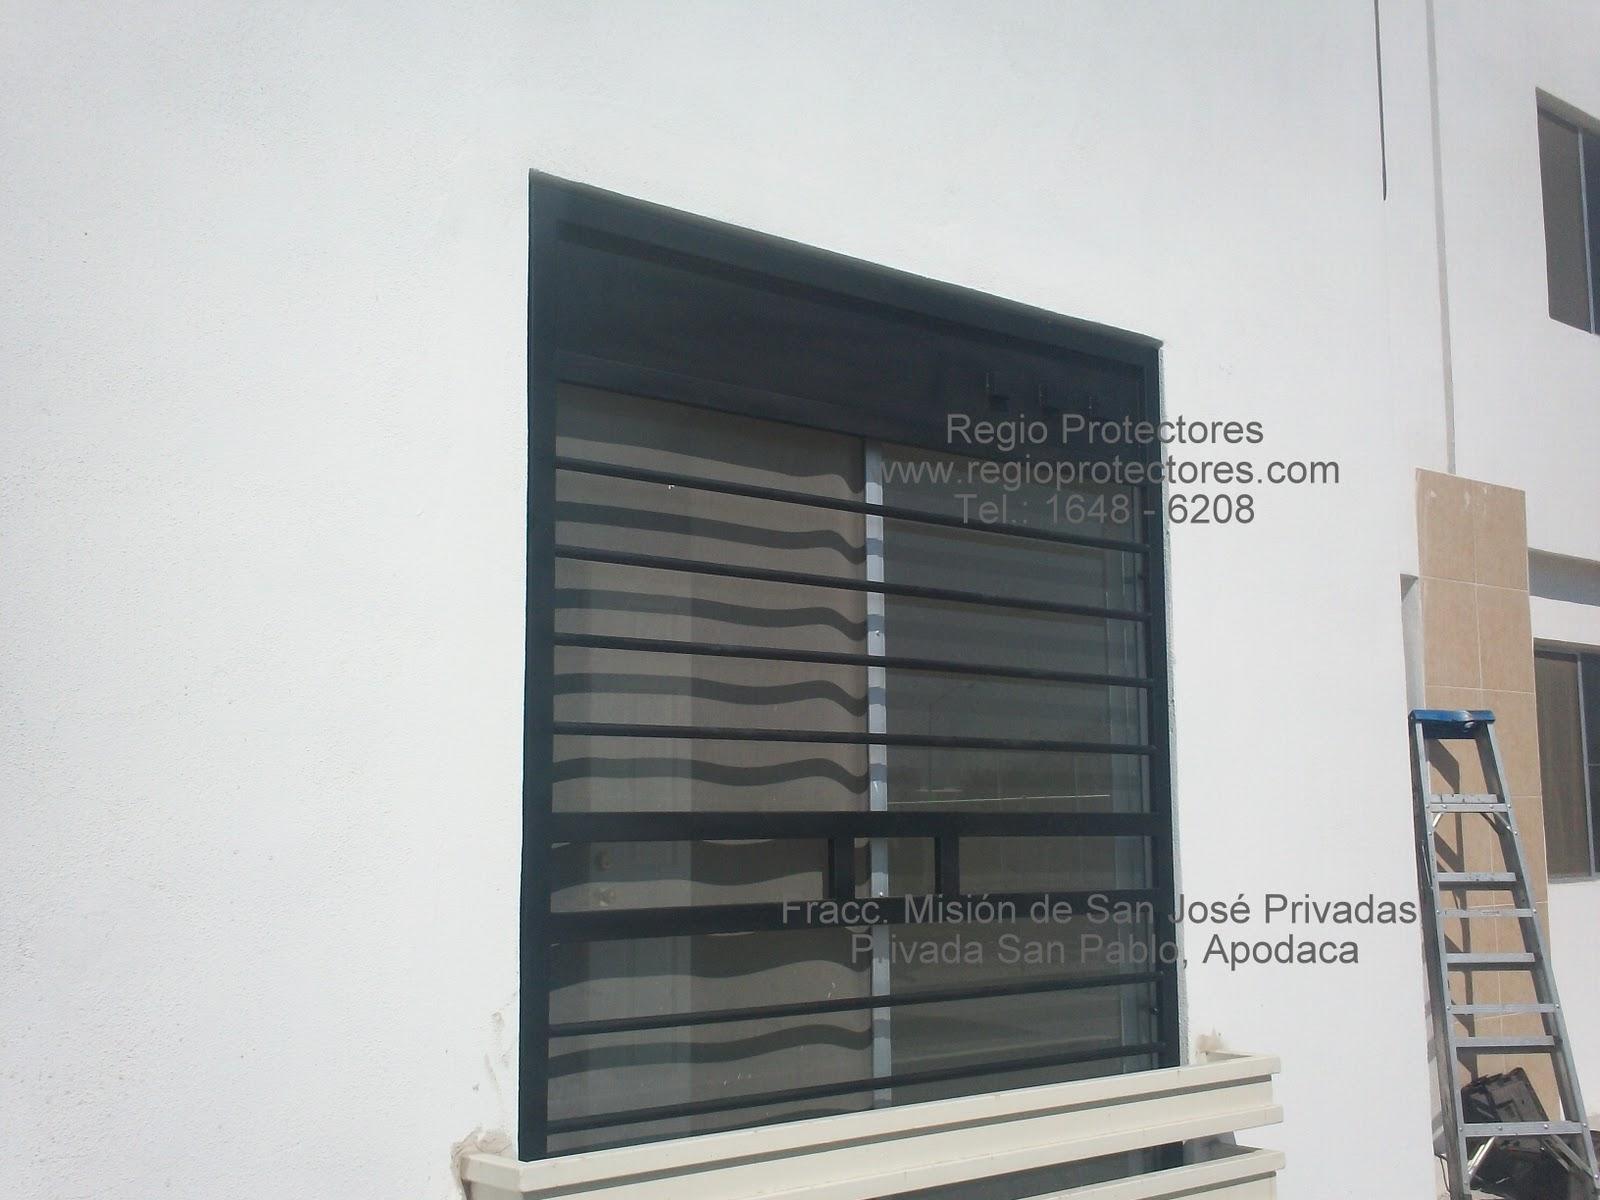 Protectores para ventanas, Fracc. Misión de San José Privadas 02